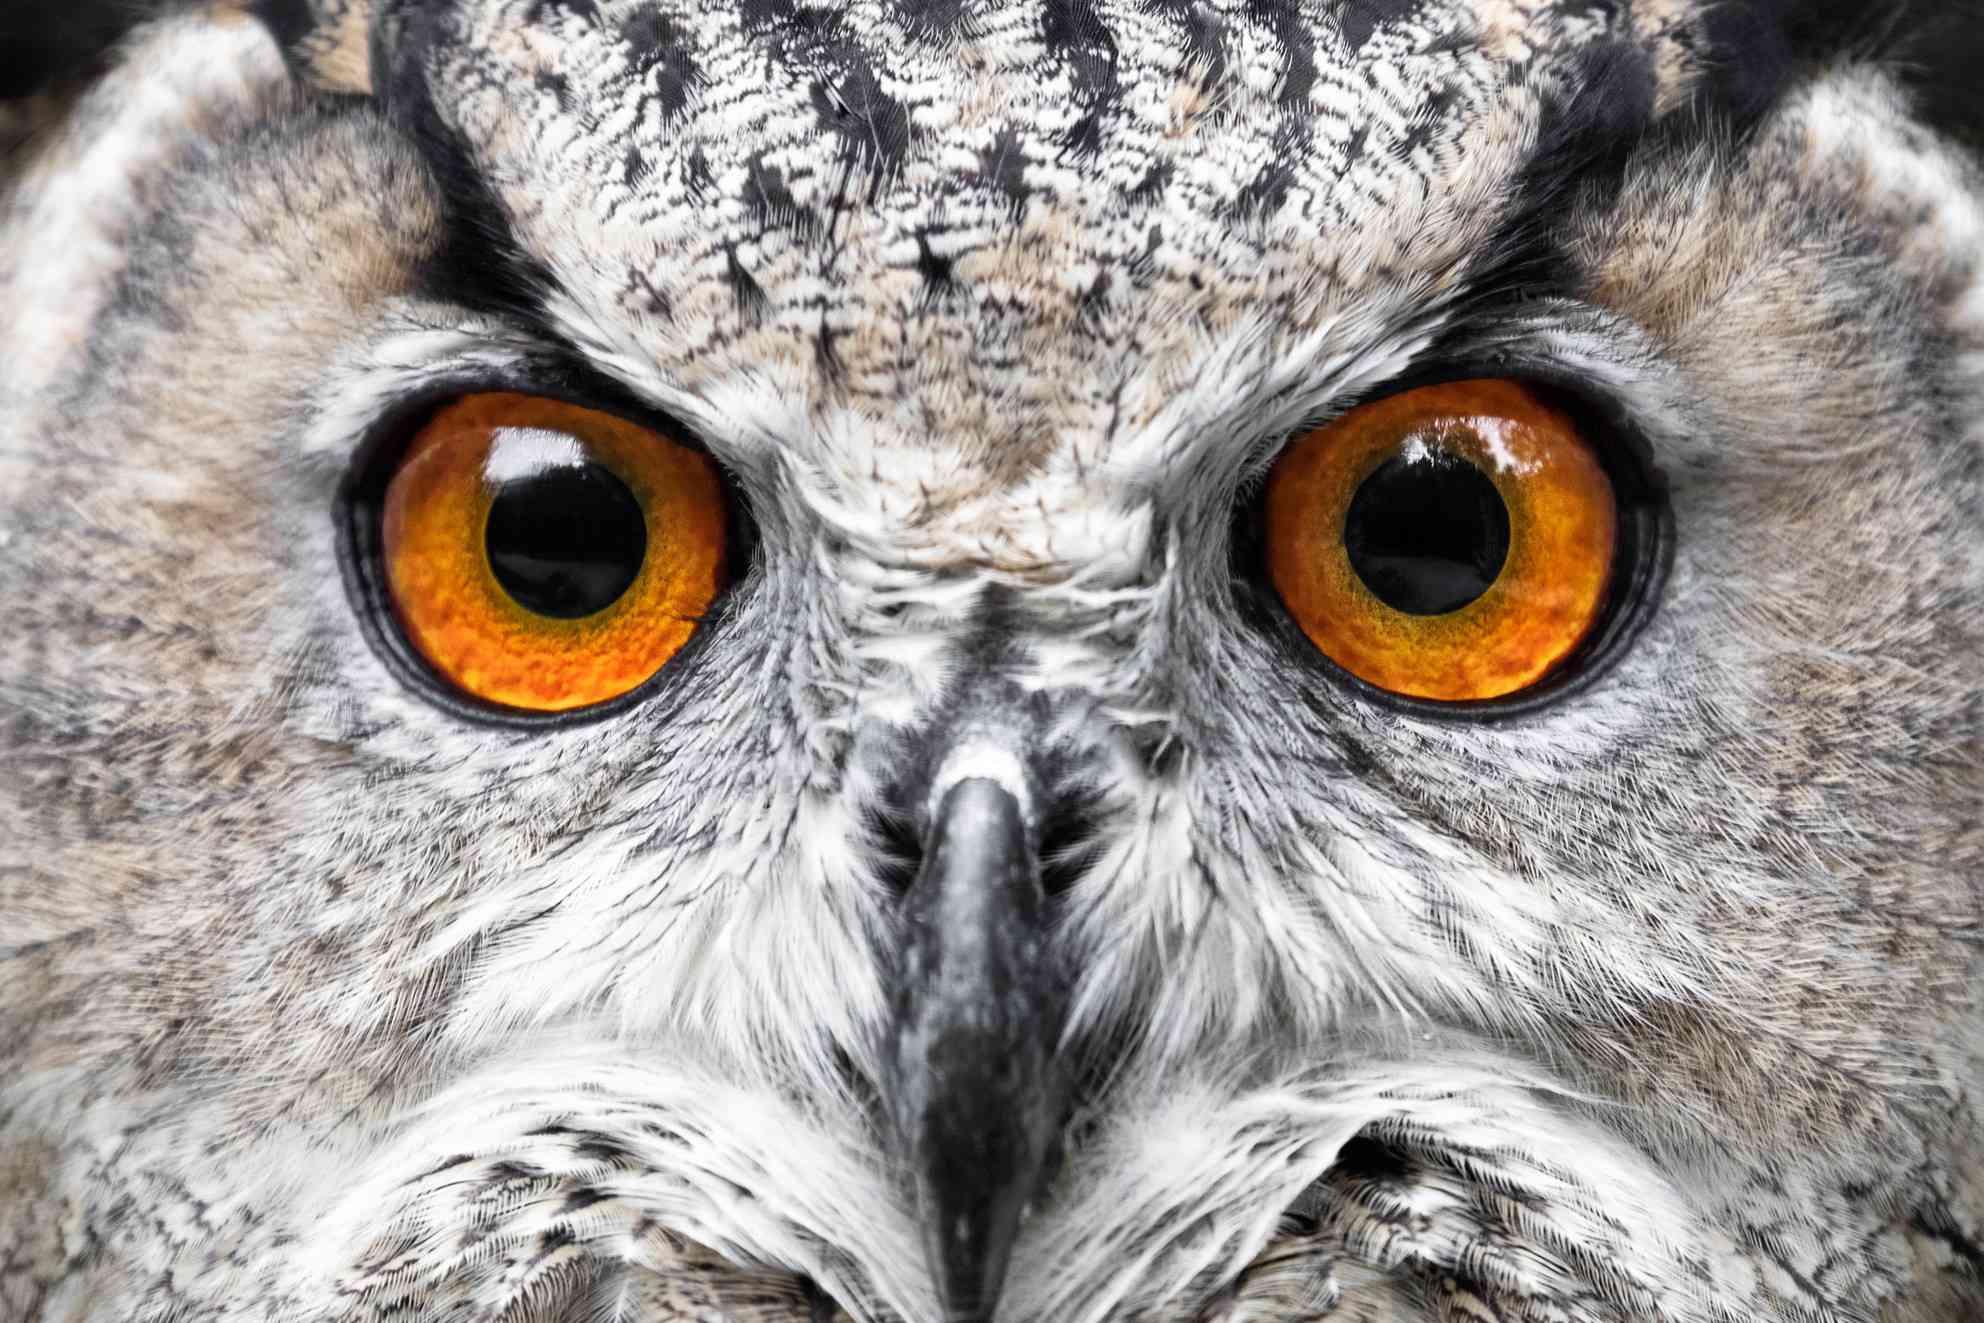 extreme close up of white owl face, showing huge bright orange eyes